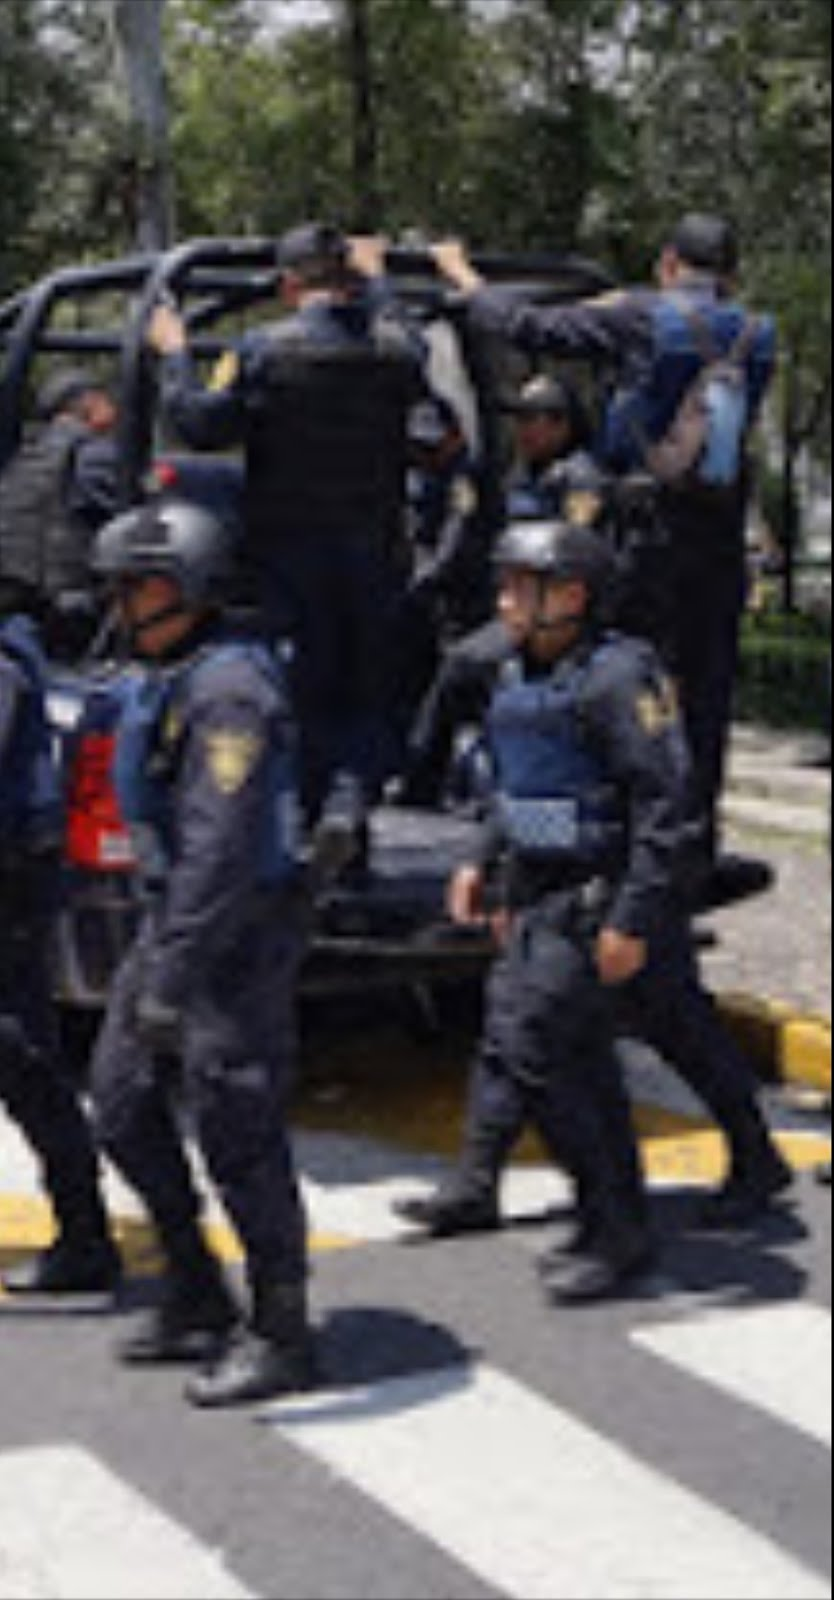 «Sueldo de policía es sagrado», dice víctima de extorsión en Mixquic